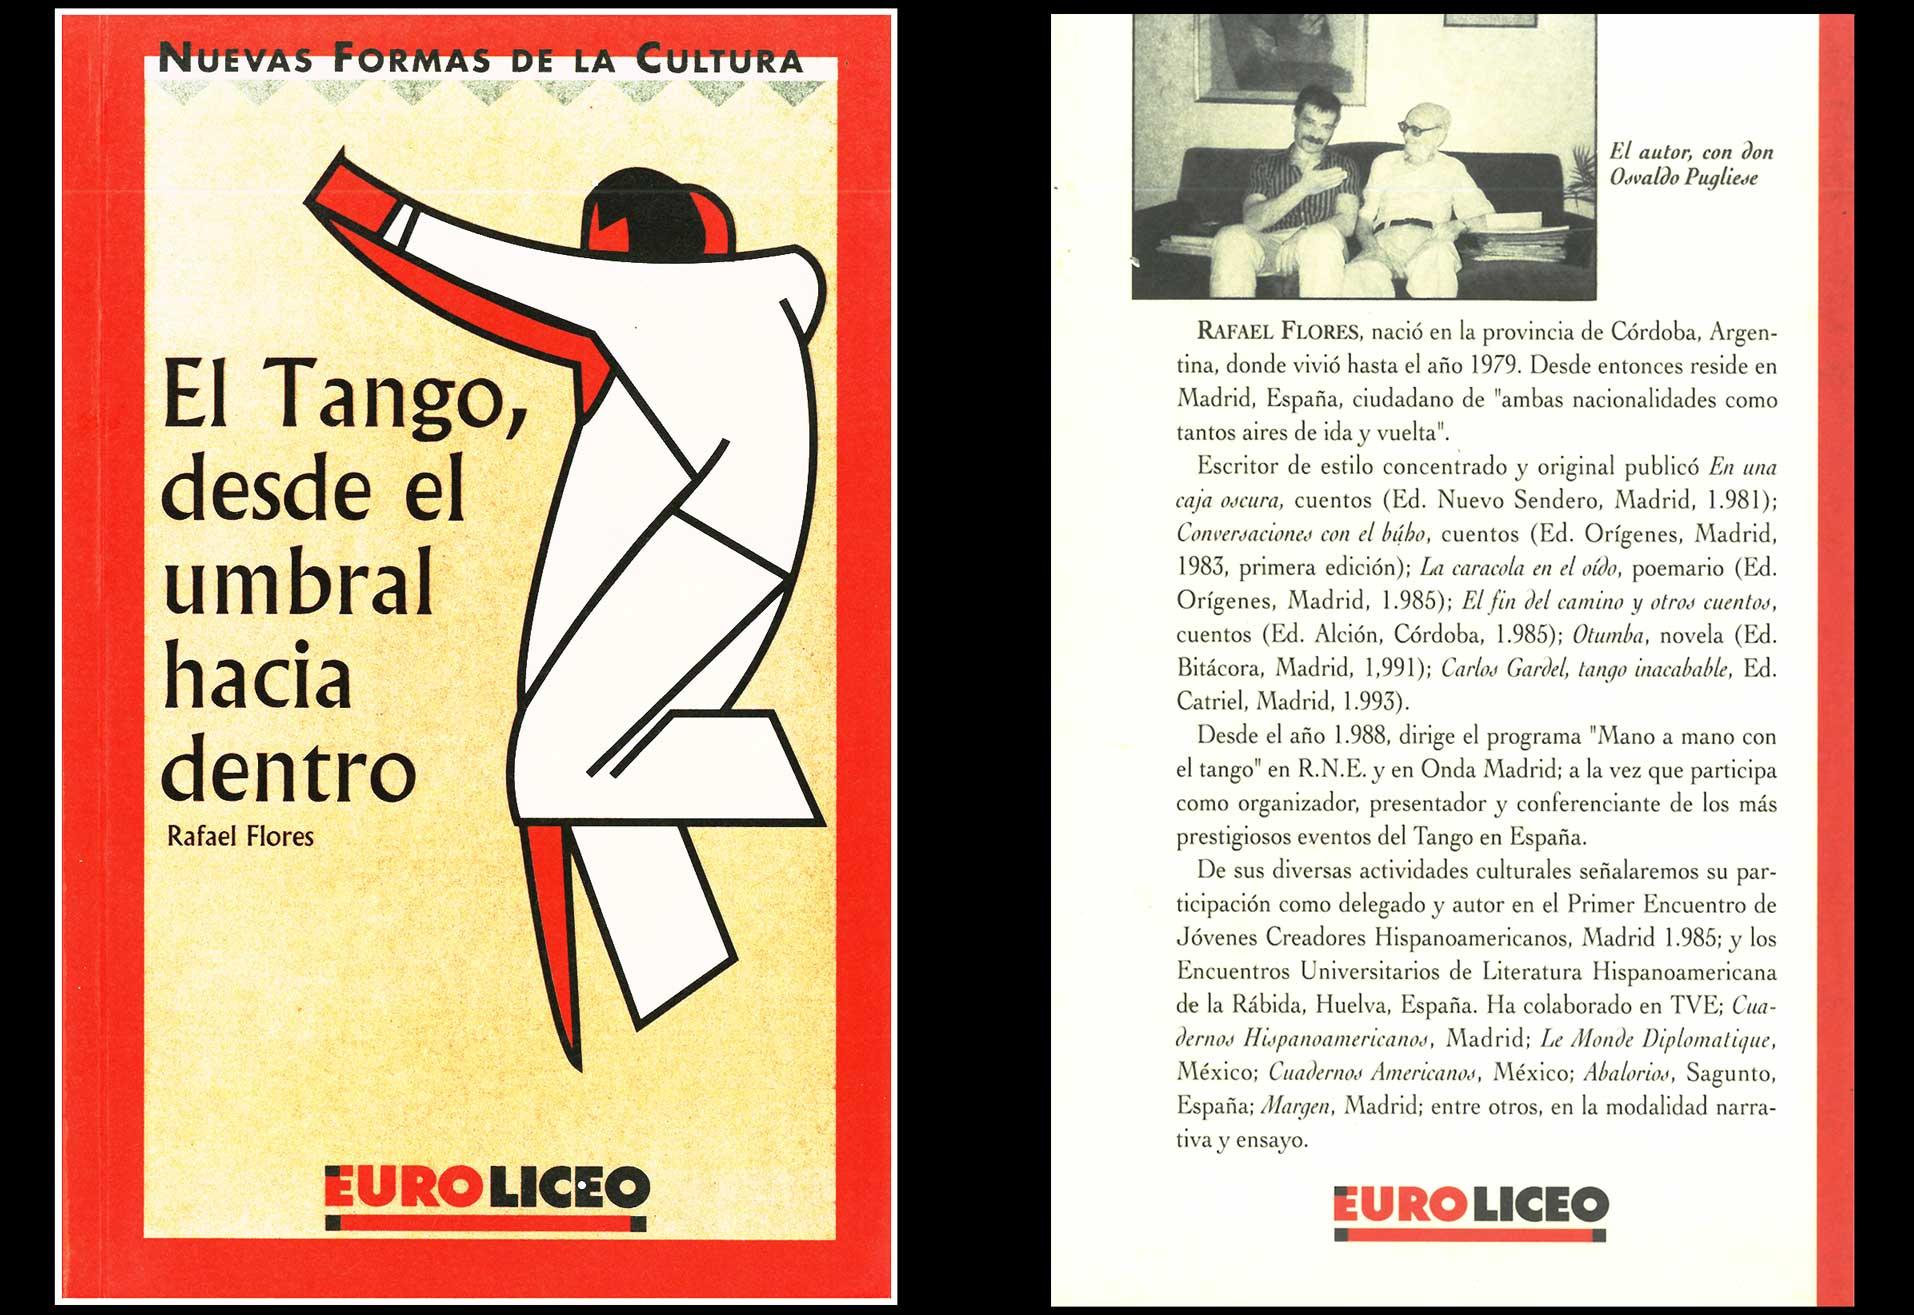 12_El-tango-desde-el-umbral-hacia-dentro